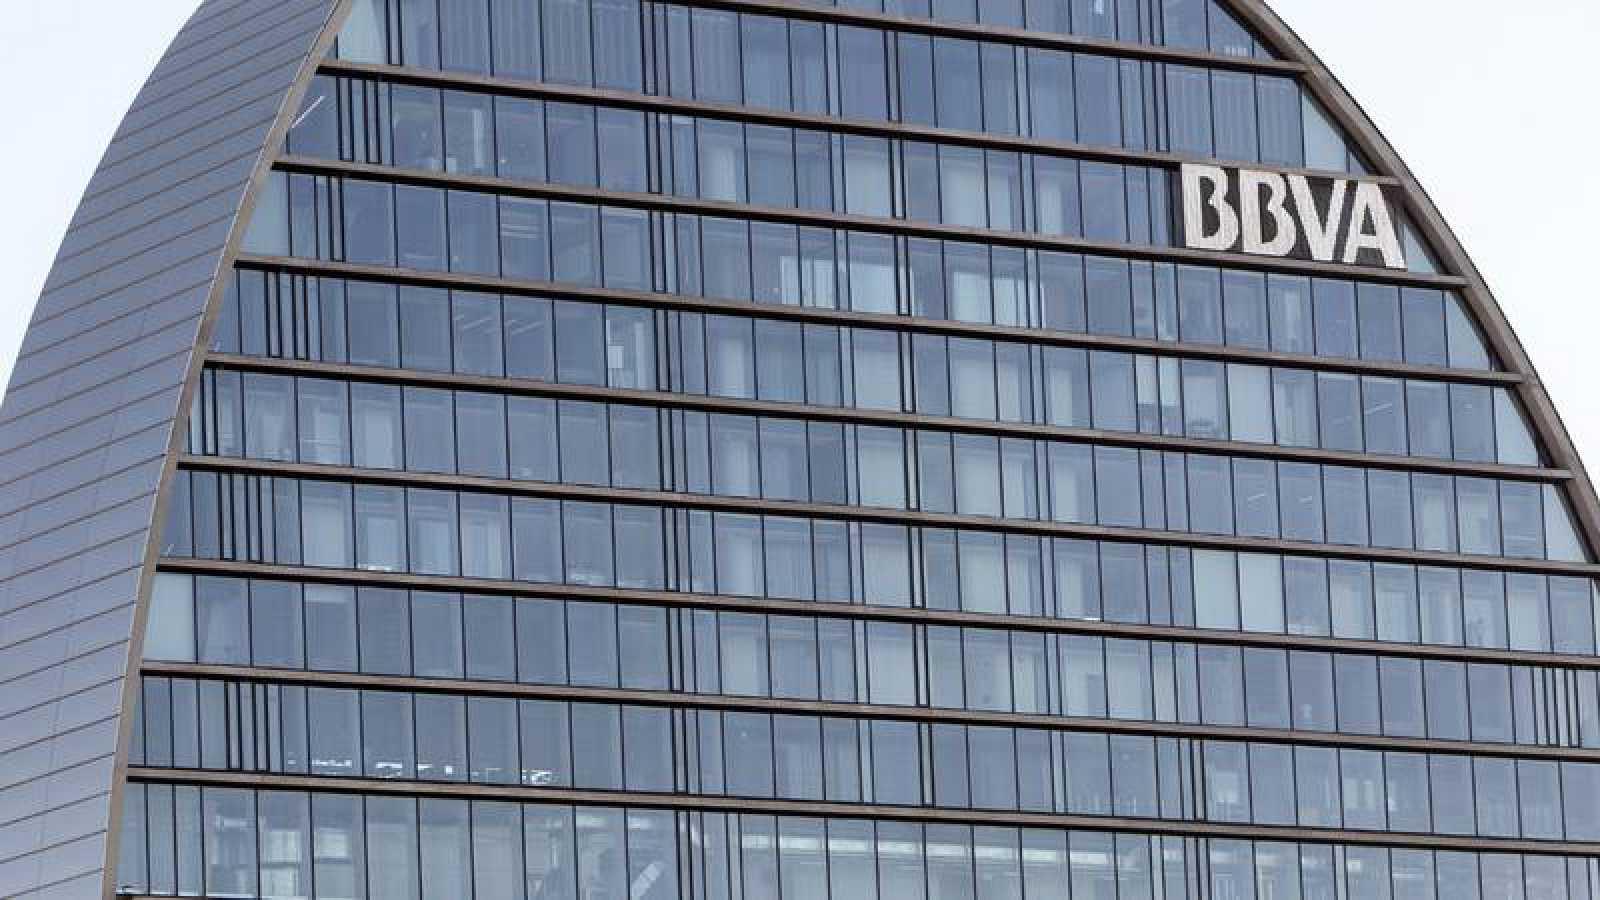 Imagen de archivo del edificio del BBVAen Madrid